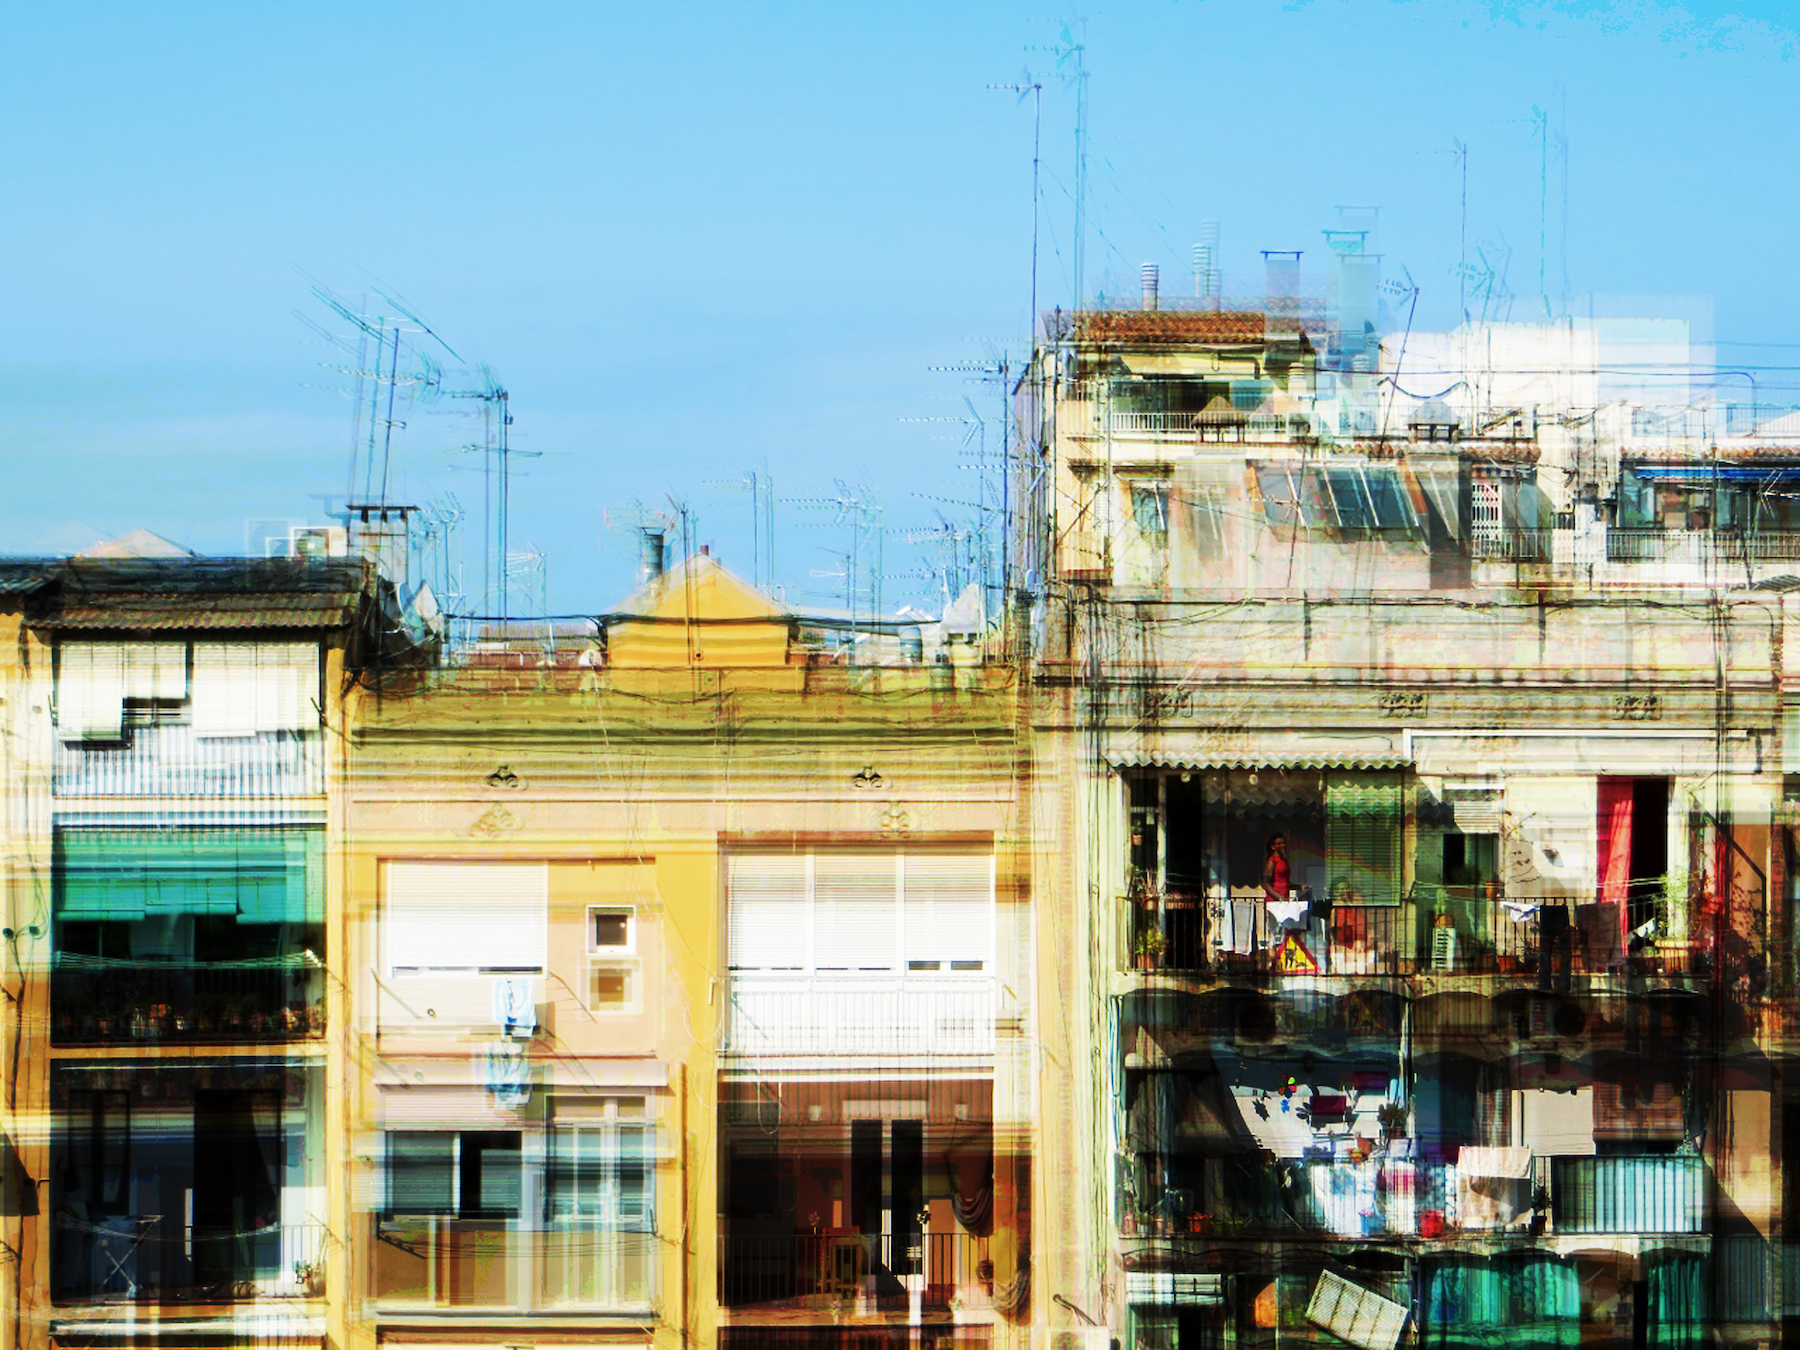 Barcelona , archival inkjet print, 16 x 20 inches